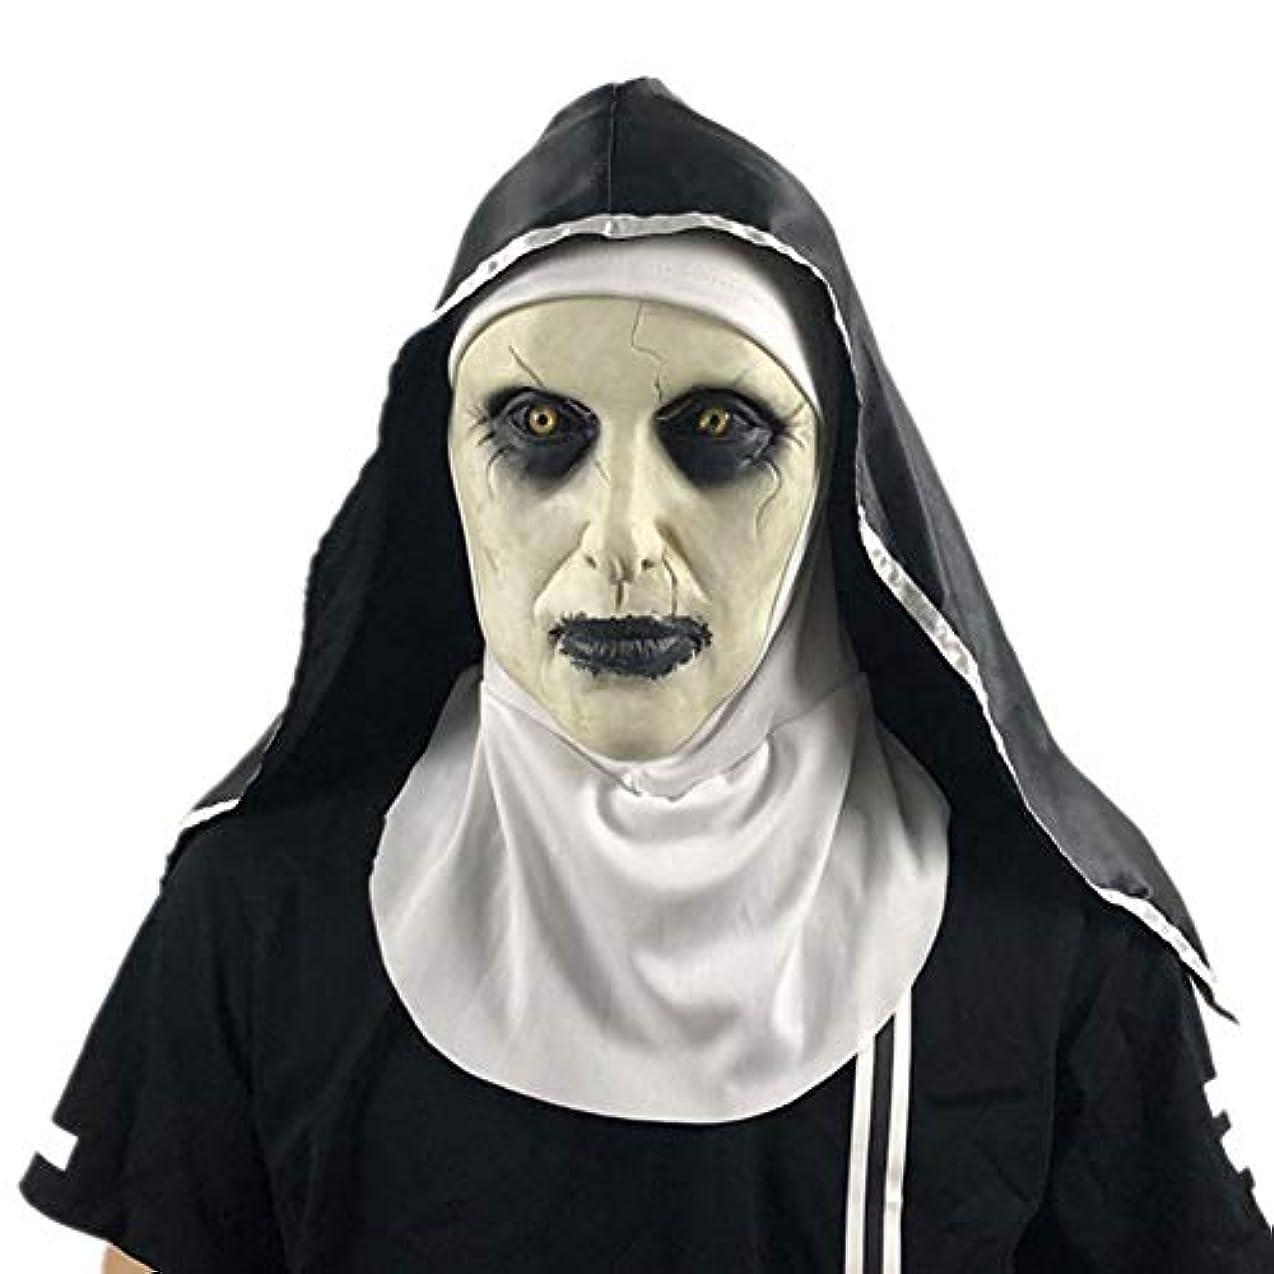 戦闘豚肉生むハロウィーンマスク、顔をしかめるラテックスマスク、テーマパーティー、コスチュームボール、カーニバル、ハロウィーン、レイブパーティー、仮面舞踏会などに適しています。